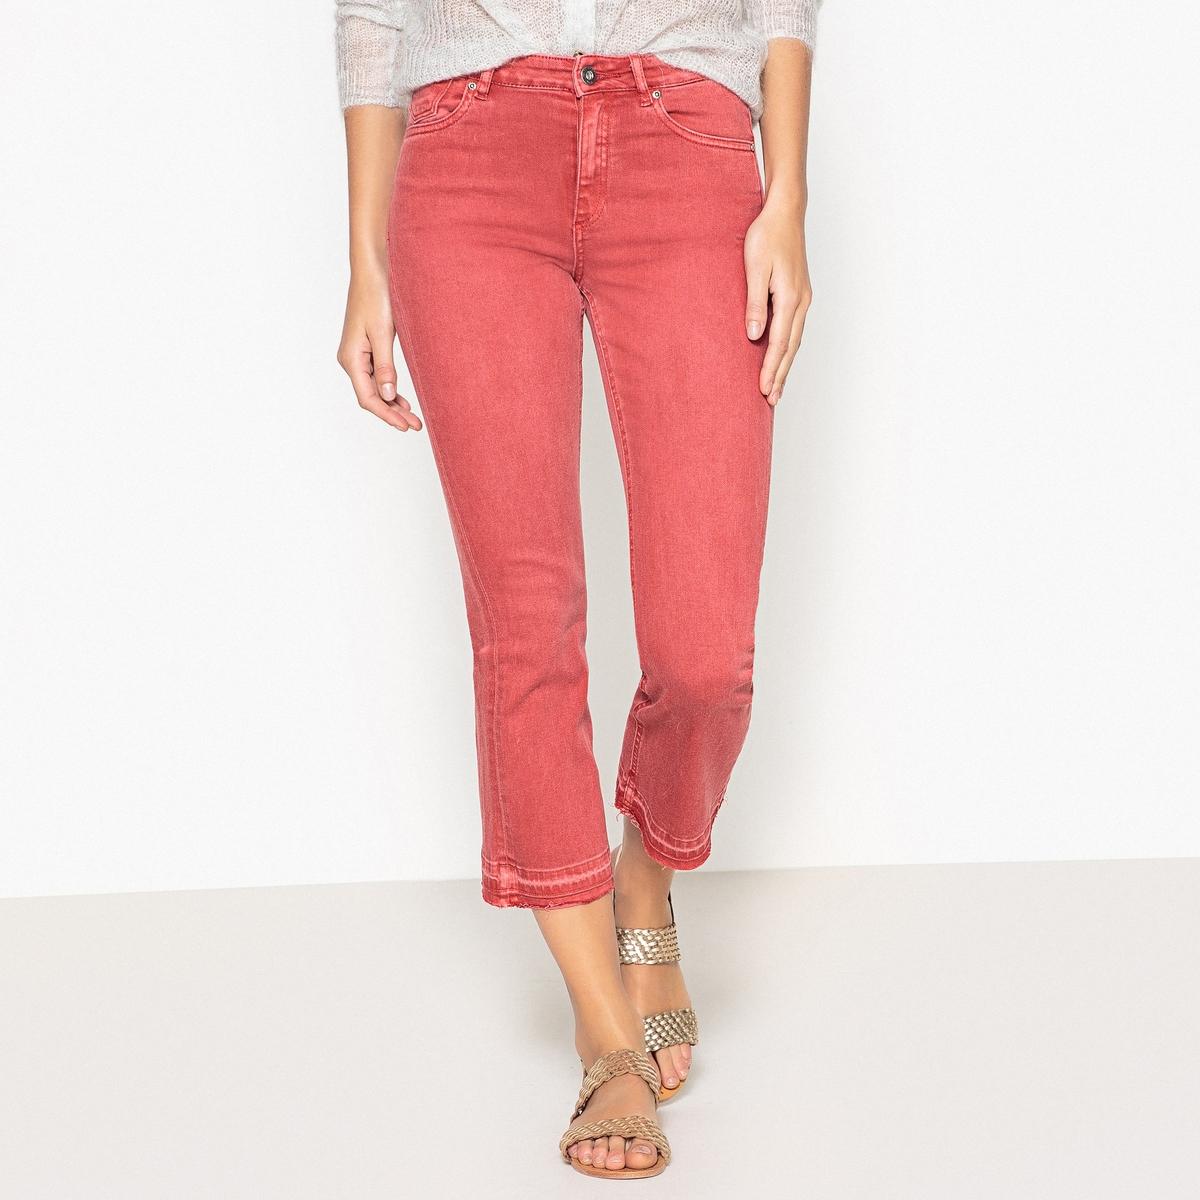 Джинсы укороченные и расклешенные, длина 32 джинсы расклешенные длина 34